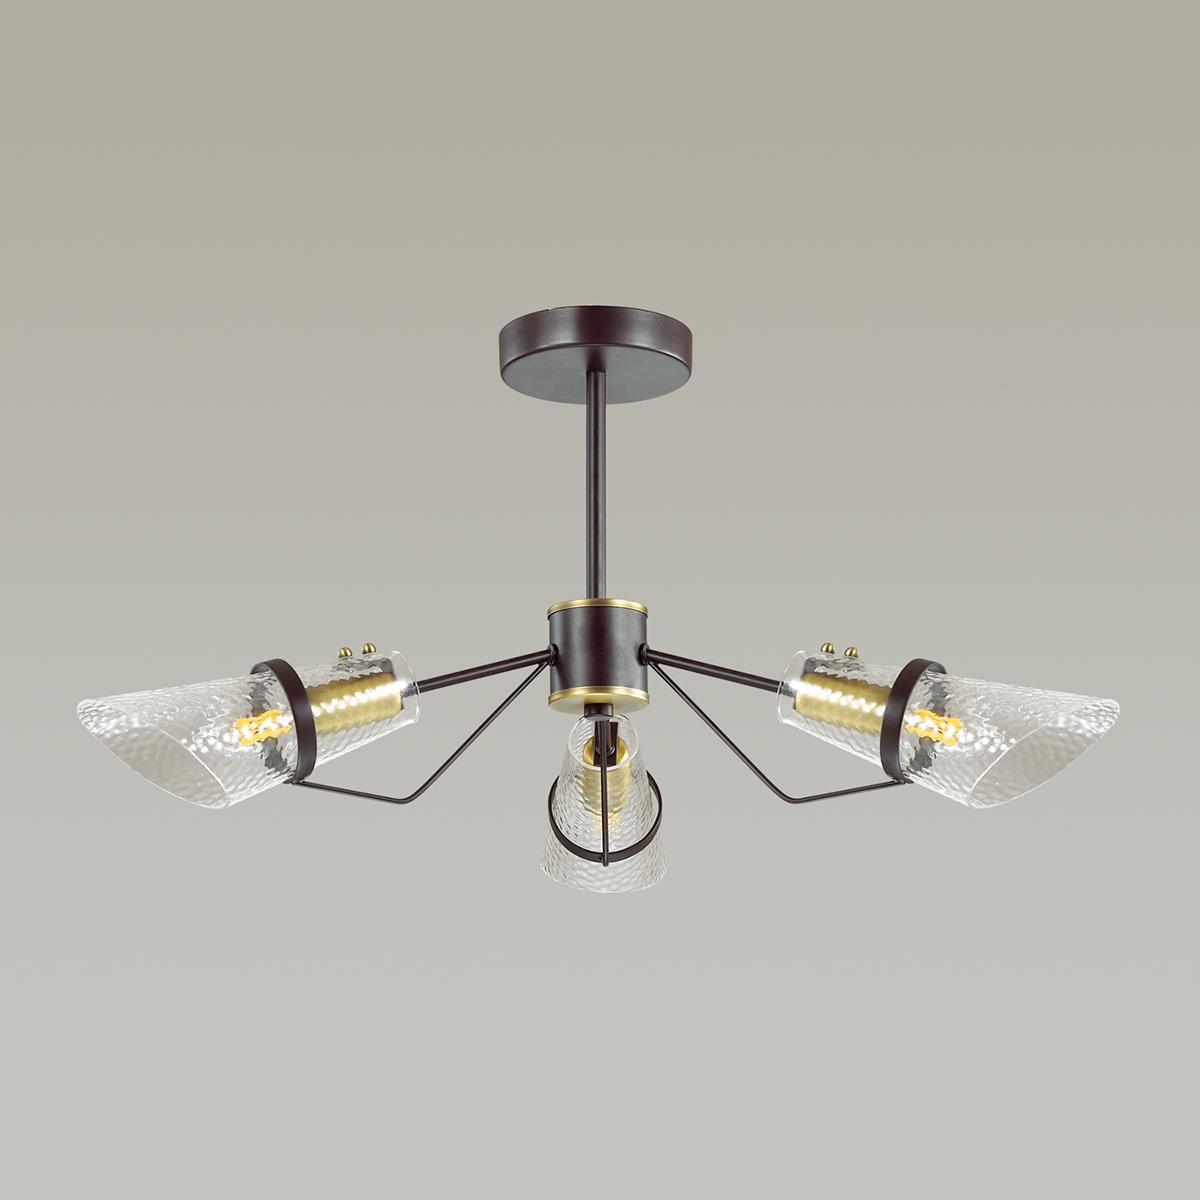 Потолочная люстра Lumion Morgana 4404/3C, коричневый, прозрачный, металл, стекло - фото 4